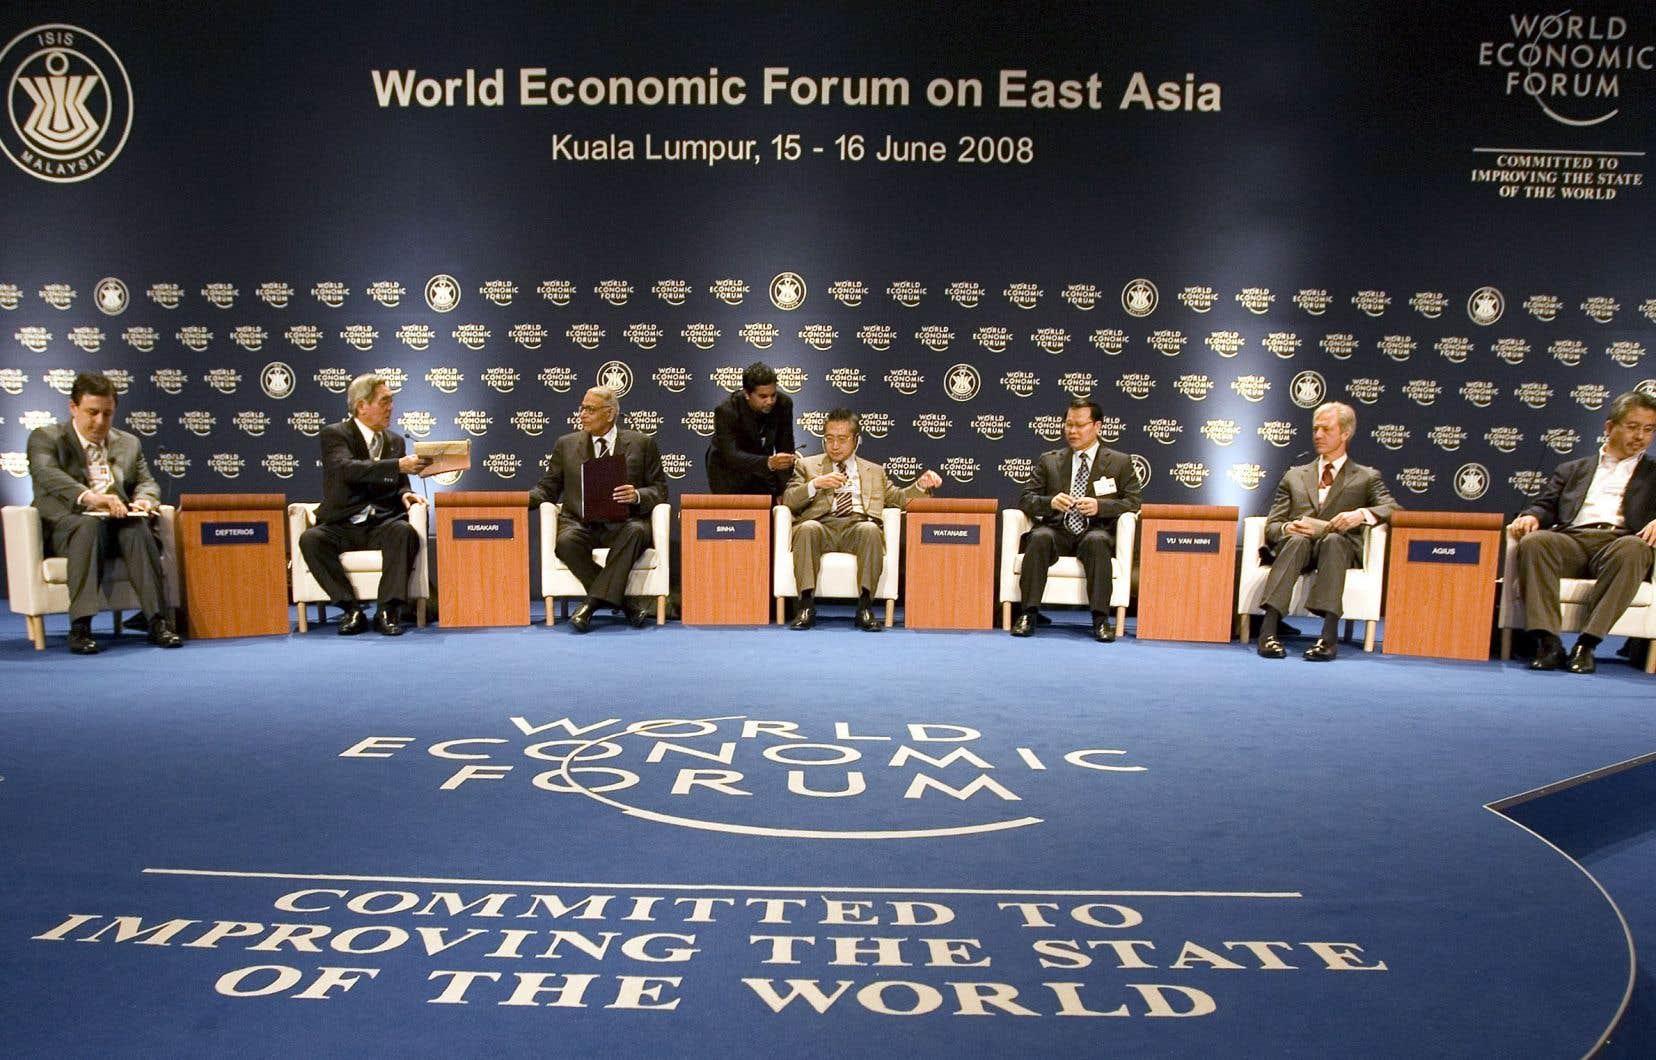 L'Asie du Sud-Est est un lieu de passage multimillénaire. Et jamais n'a-t-elle autant joué son rôle d'«échangeur» que maintenant.